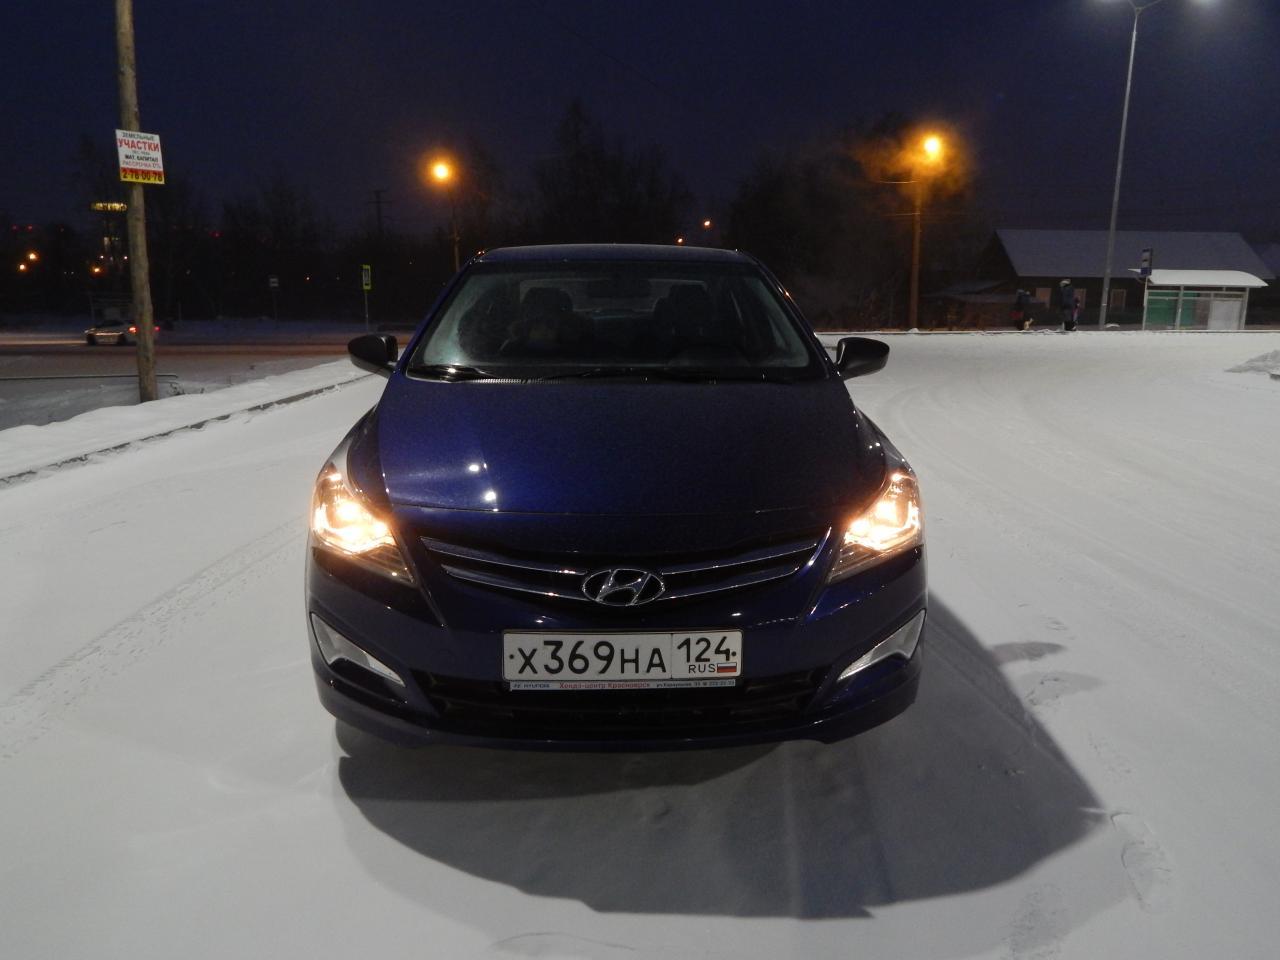 Hyundai Solaris 2012 г.в. г.Красноярск - фото 2